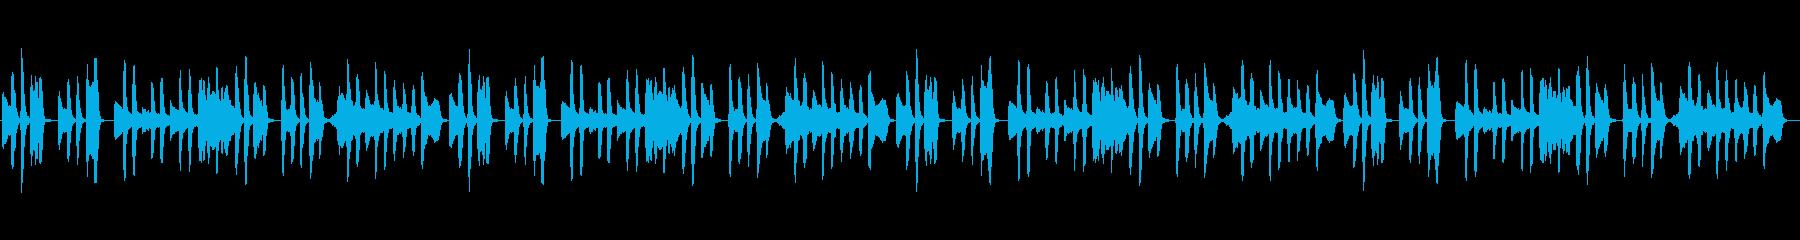 日常、平凡、素朴を演出した曲の再生済みの波形